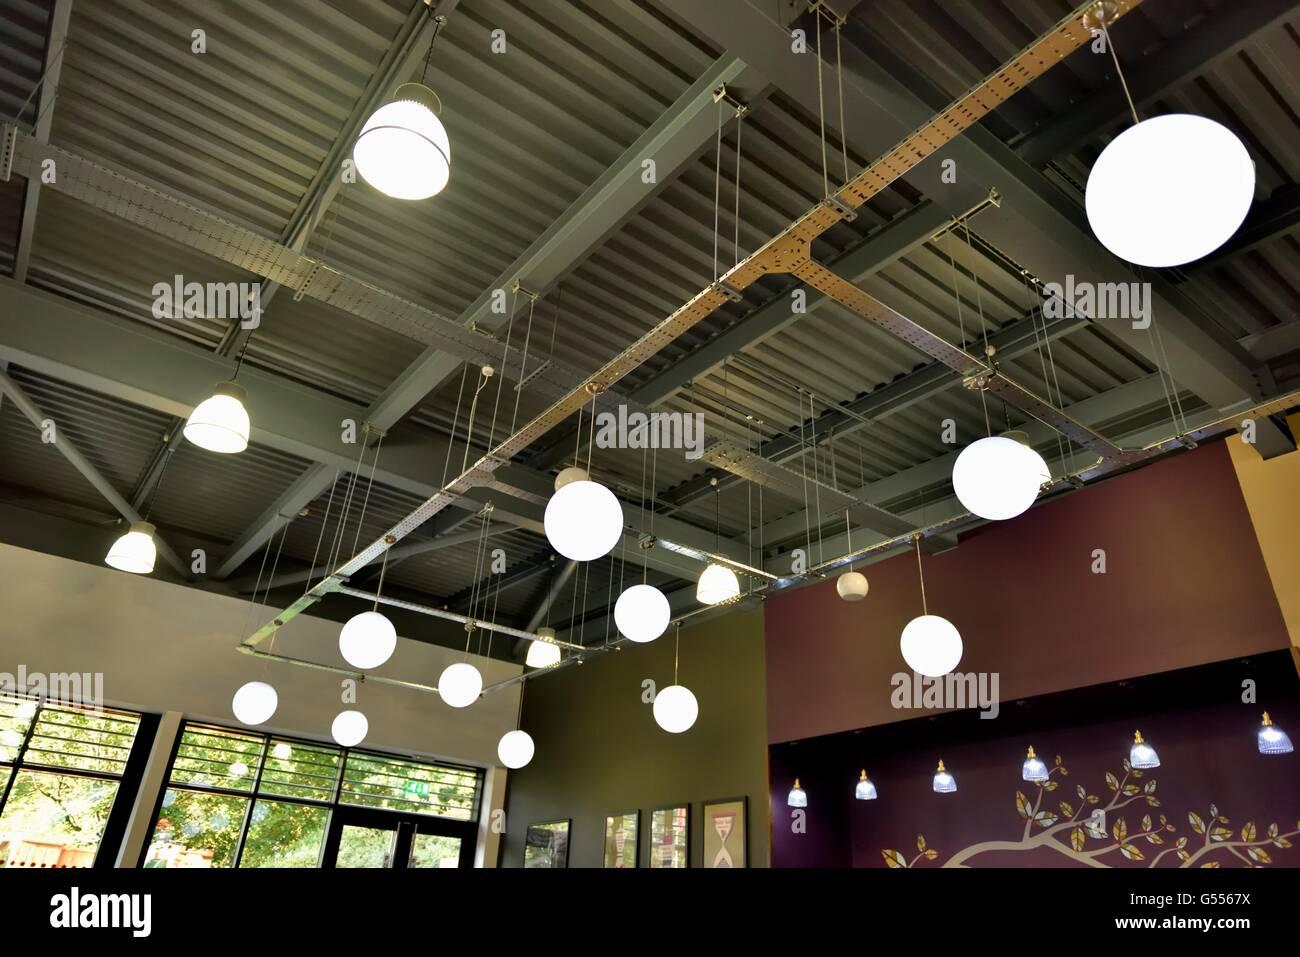 Ambiente illuminazione a cupola in un servizio autostradale coffee shop UK Immagini Stock